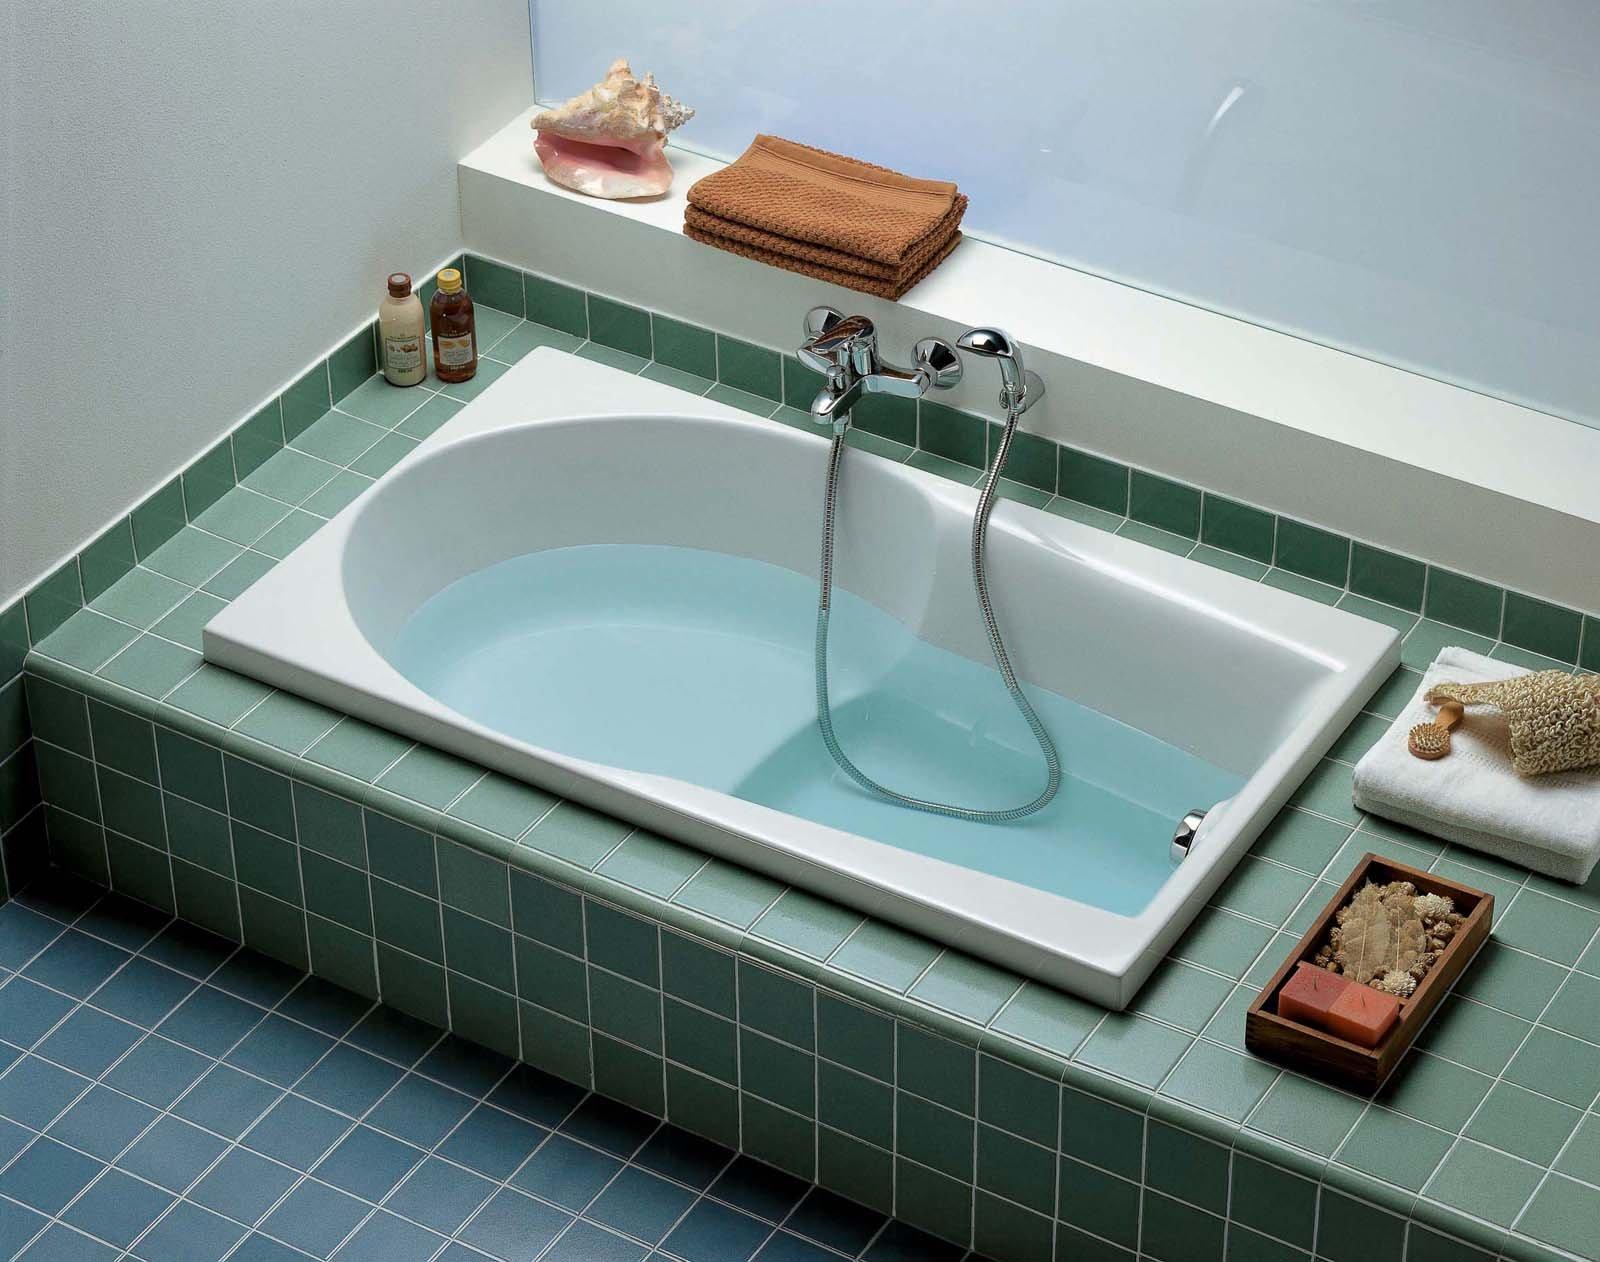 Vasca Da Bagno 140 70 Prezzi : Vasca da bagno prezzi decorazioni per la casa